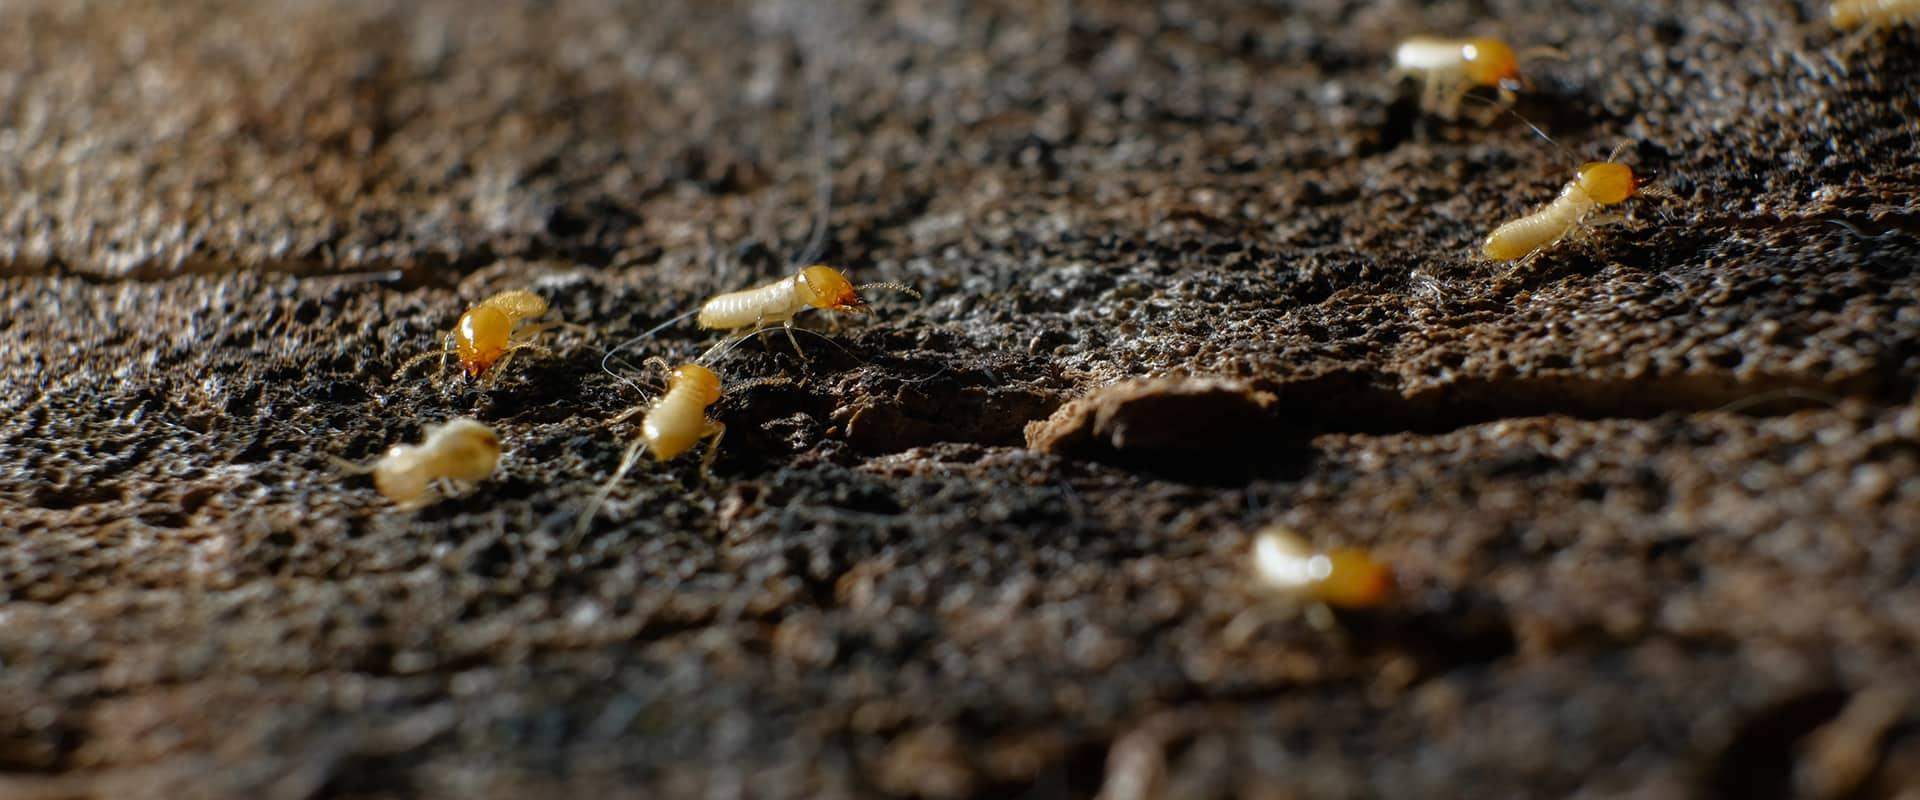 termites crawling on damaged wood in fairfax viginia